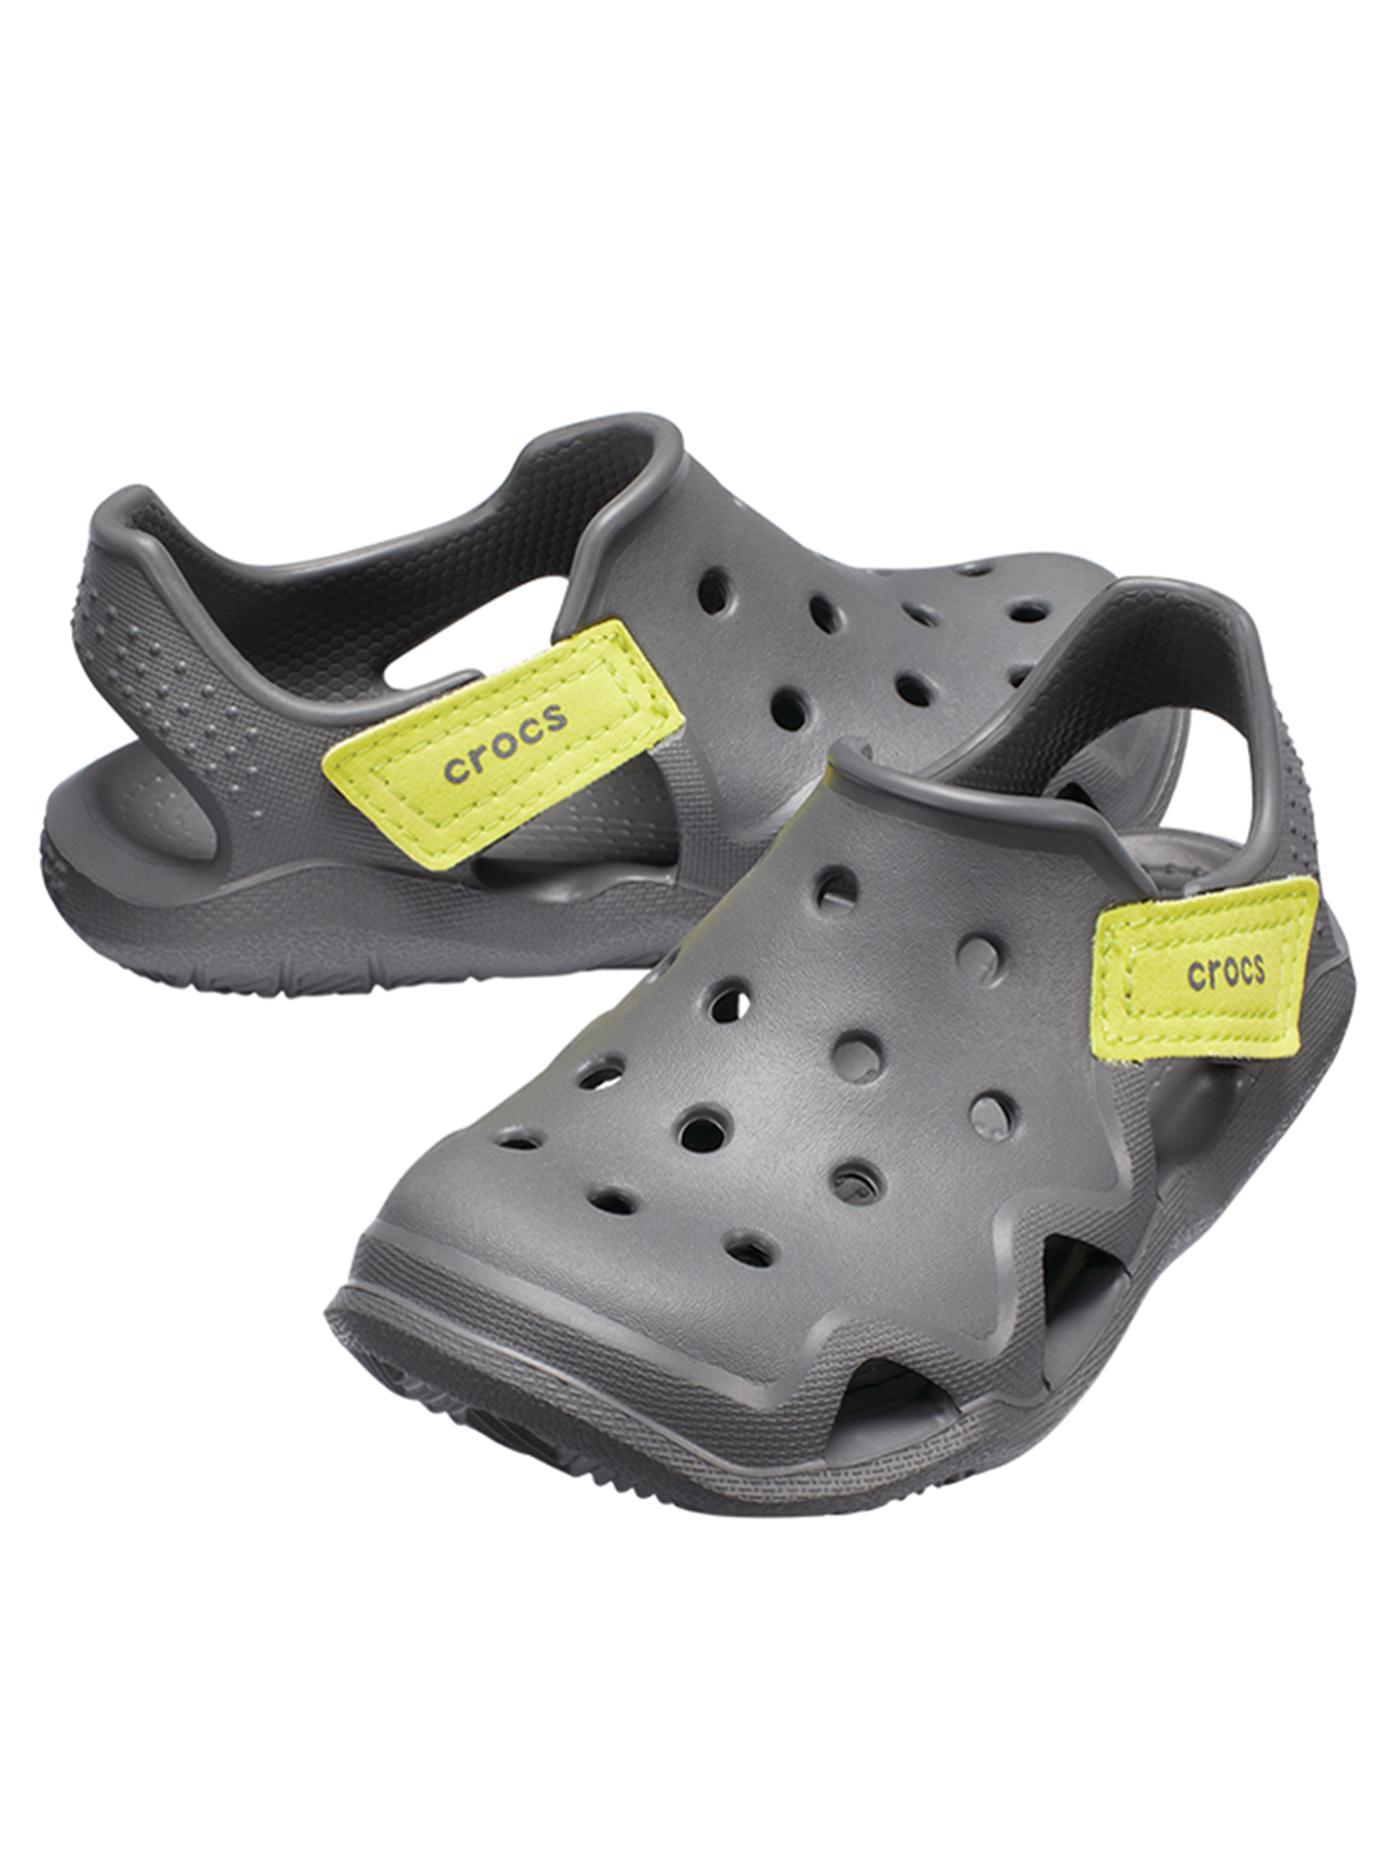 Kup online kupuję teraz taniej CROCS Kids Casual Shoes Swiftwater Wave Size C7 Grey-G ...